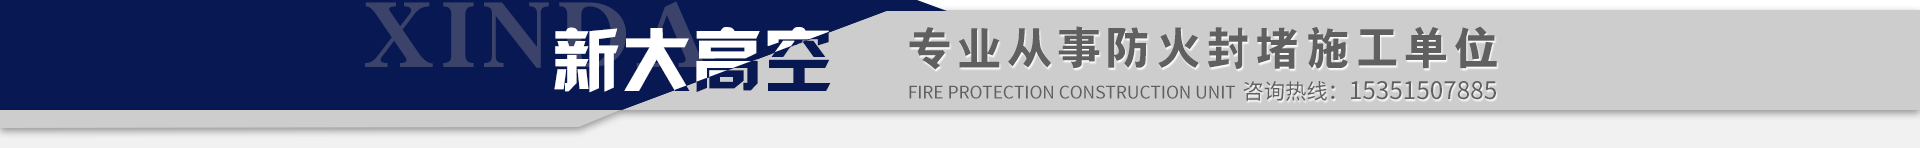 专业从事防火封堵施工单位